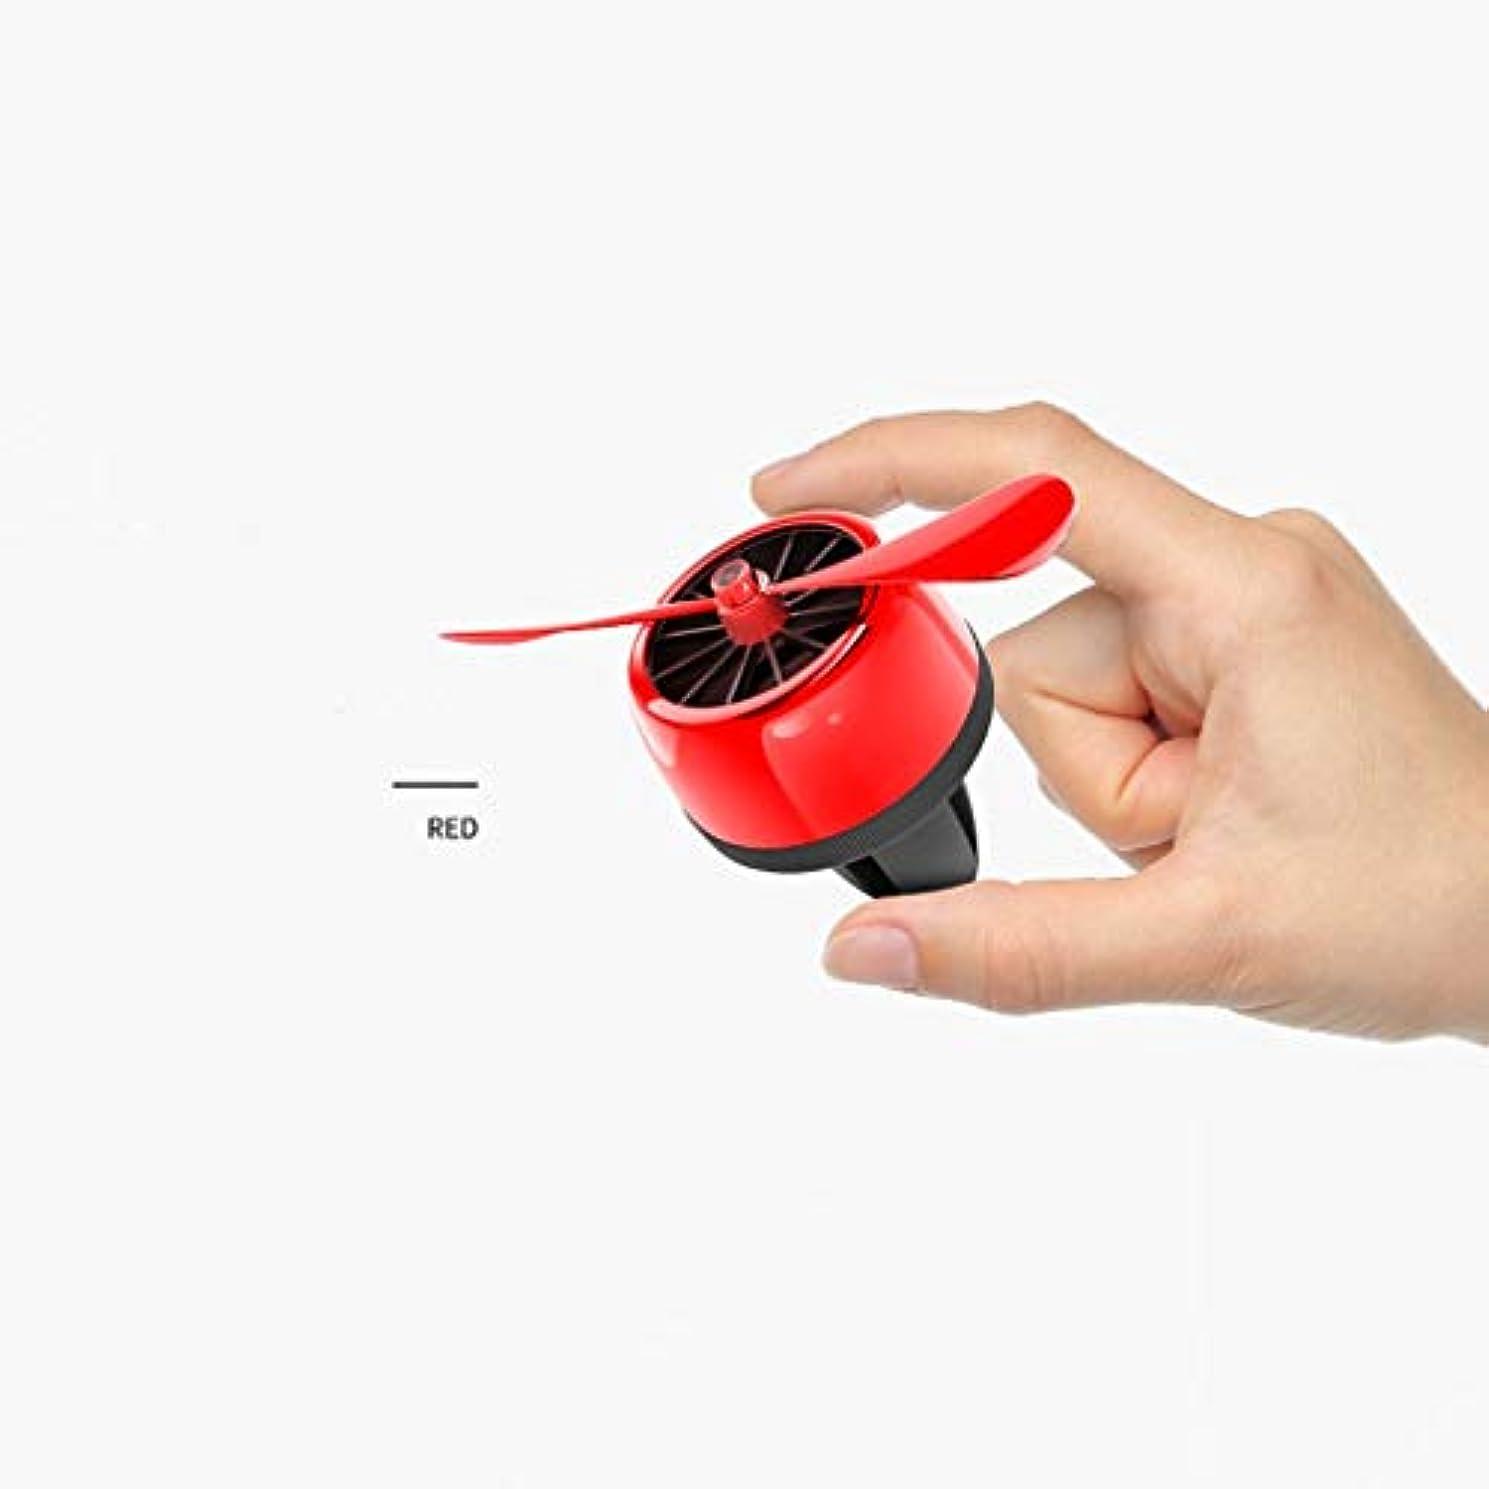 コードレス引数通りLXX-车载香水 同じ車のアロマセラピーと空軍1号車の香水車のエアコンの吹き出し口の装飾小さなファンフェイスブック (Color : F)